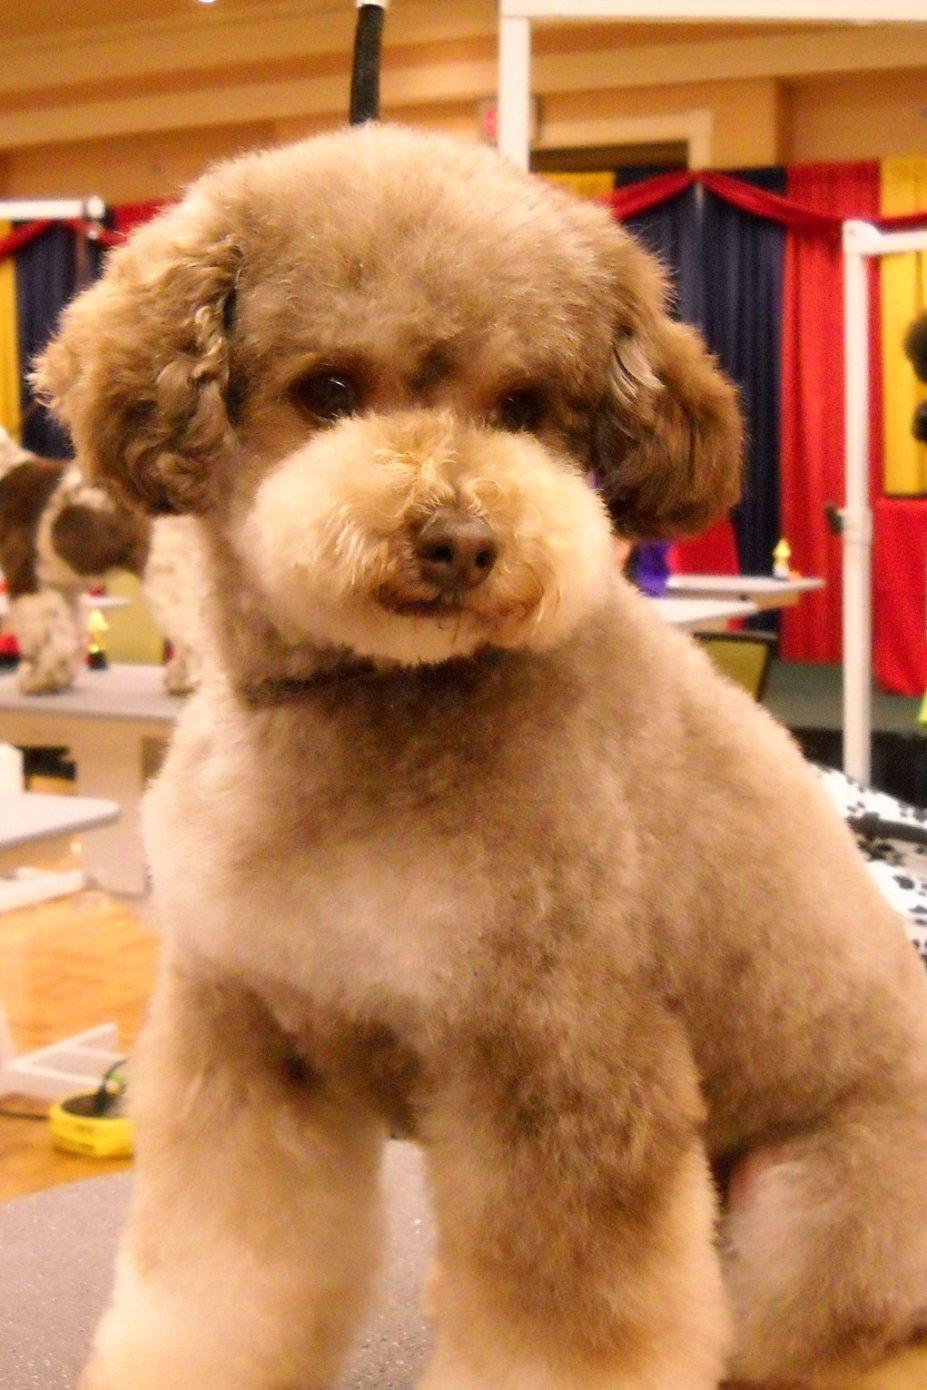 Apricot Toy Poodle Haircuts Different \x3cb\x3epoodle\x3c/b\x3e faces ...